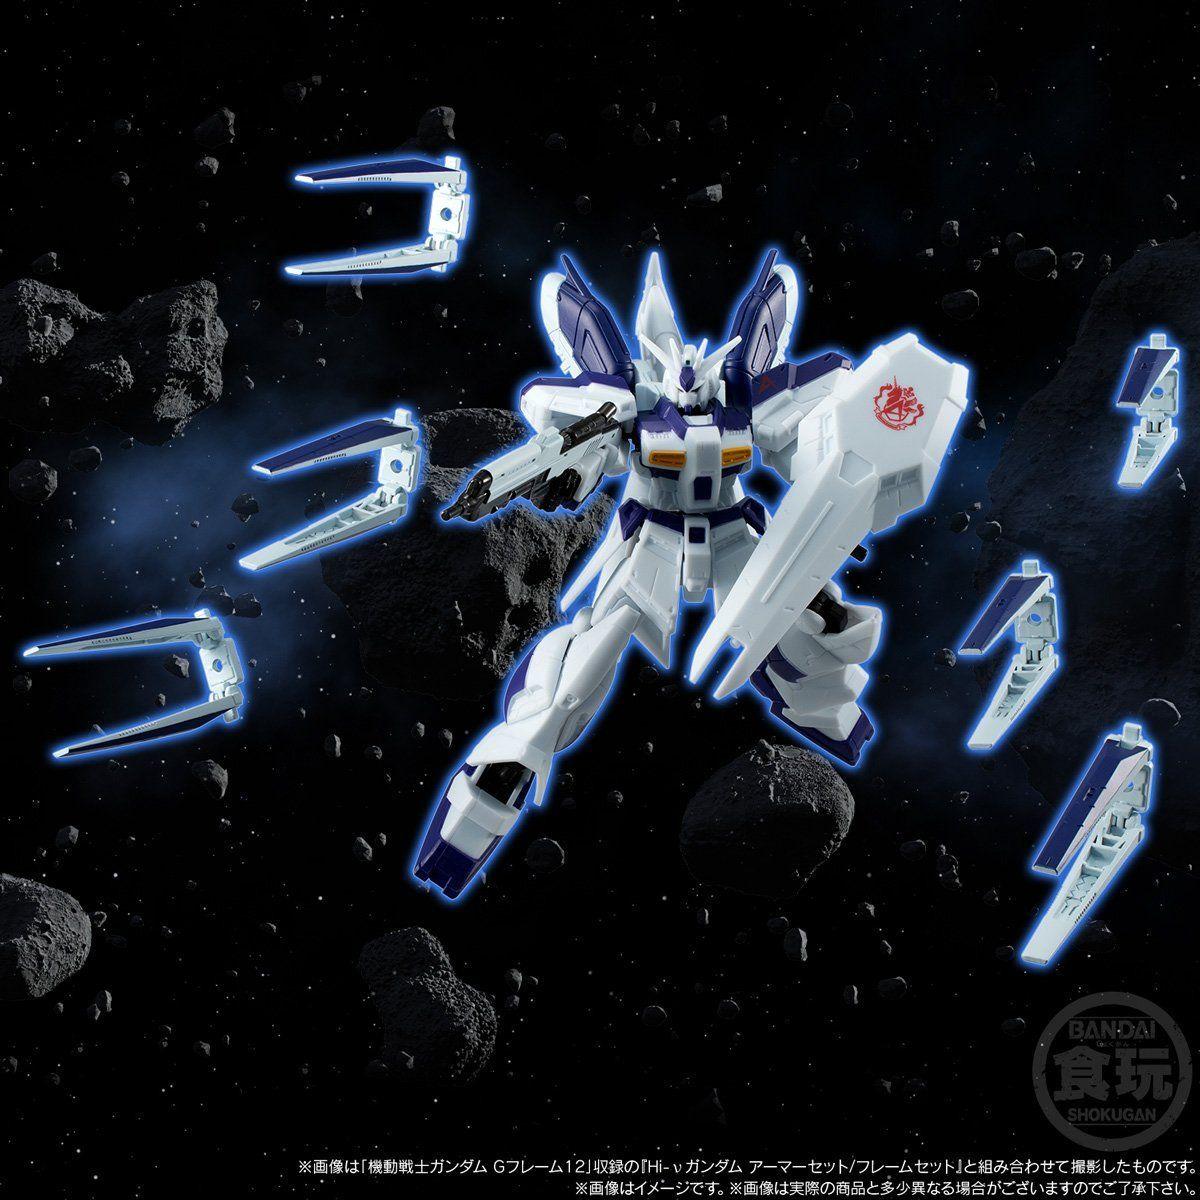 【限定販売】【食玩】機動戦士ガンダム『Gフレーム Hi-νガンダム オプションパーツセット』-009